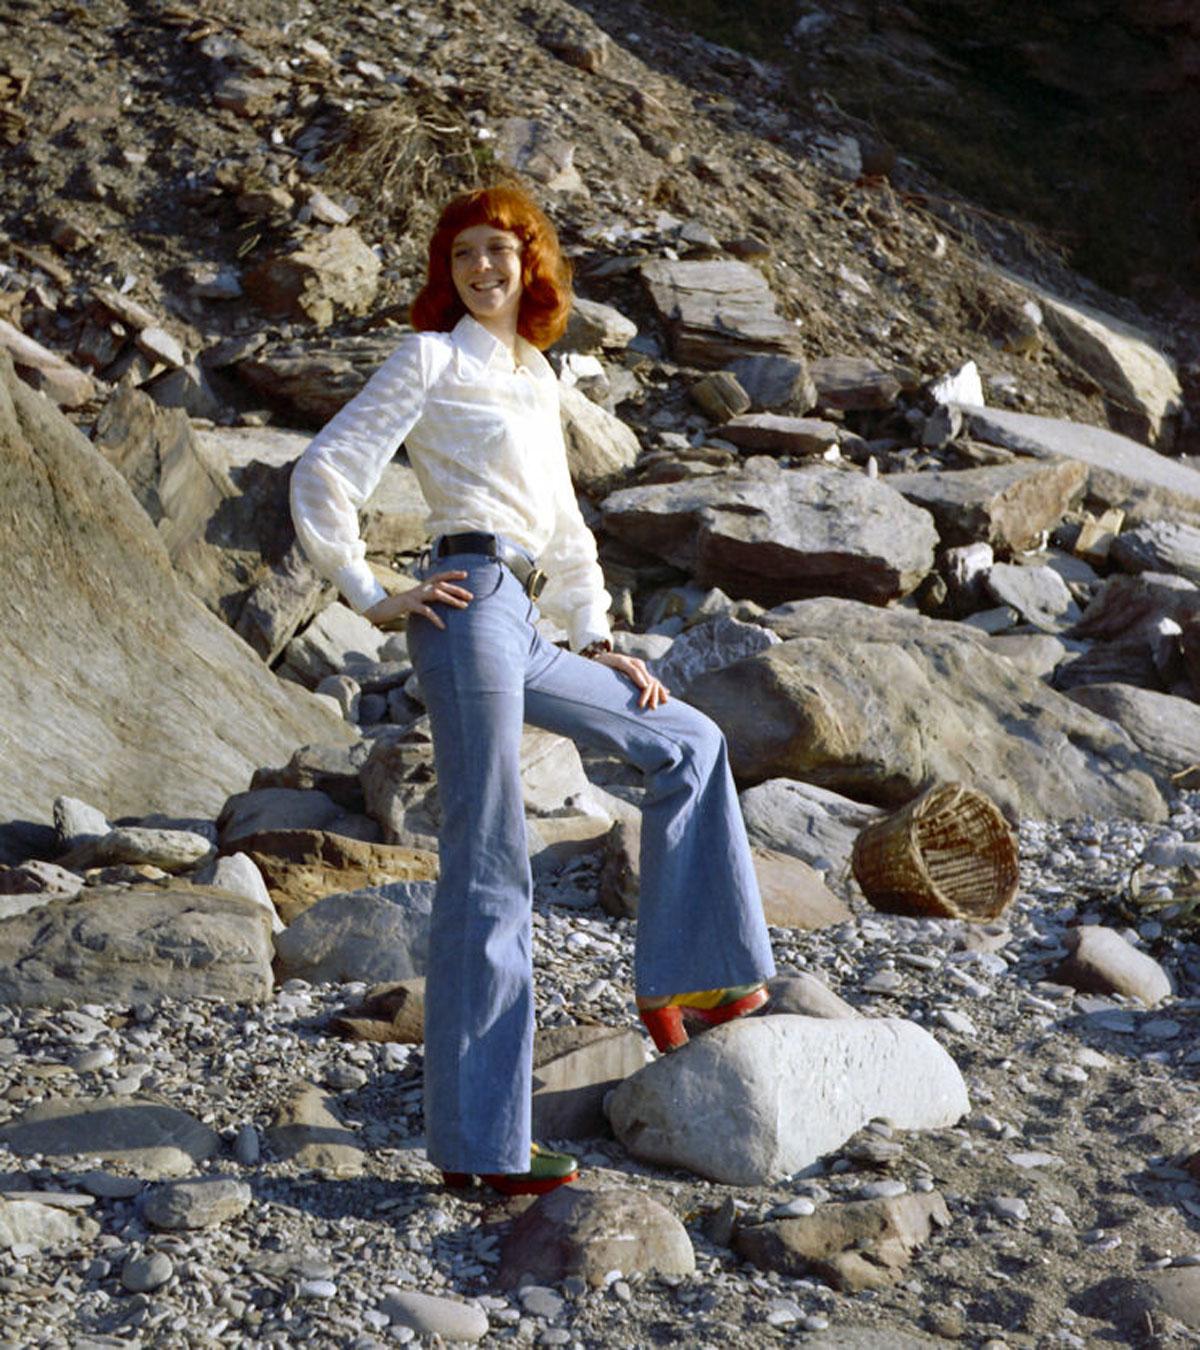 Chaussures à plateforme et pantalon flare, milieu des années 1970